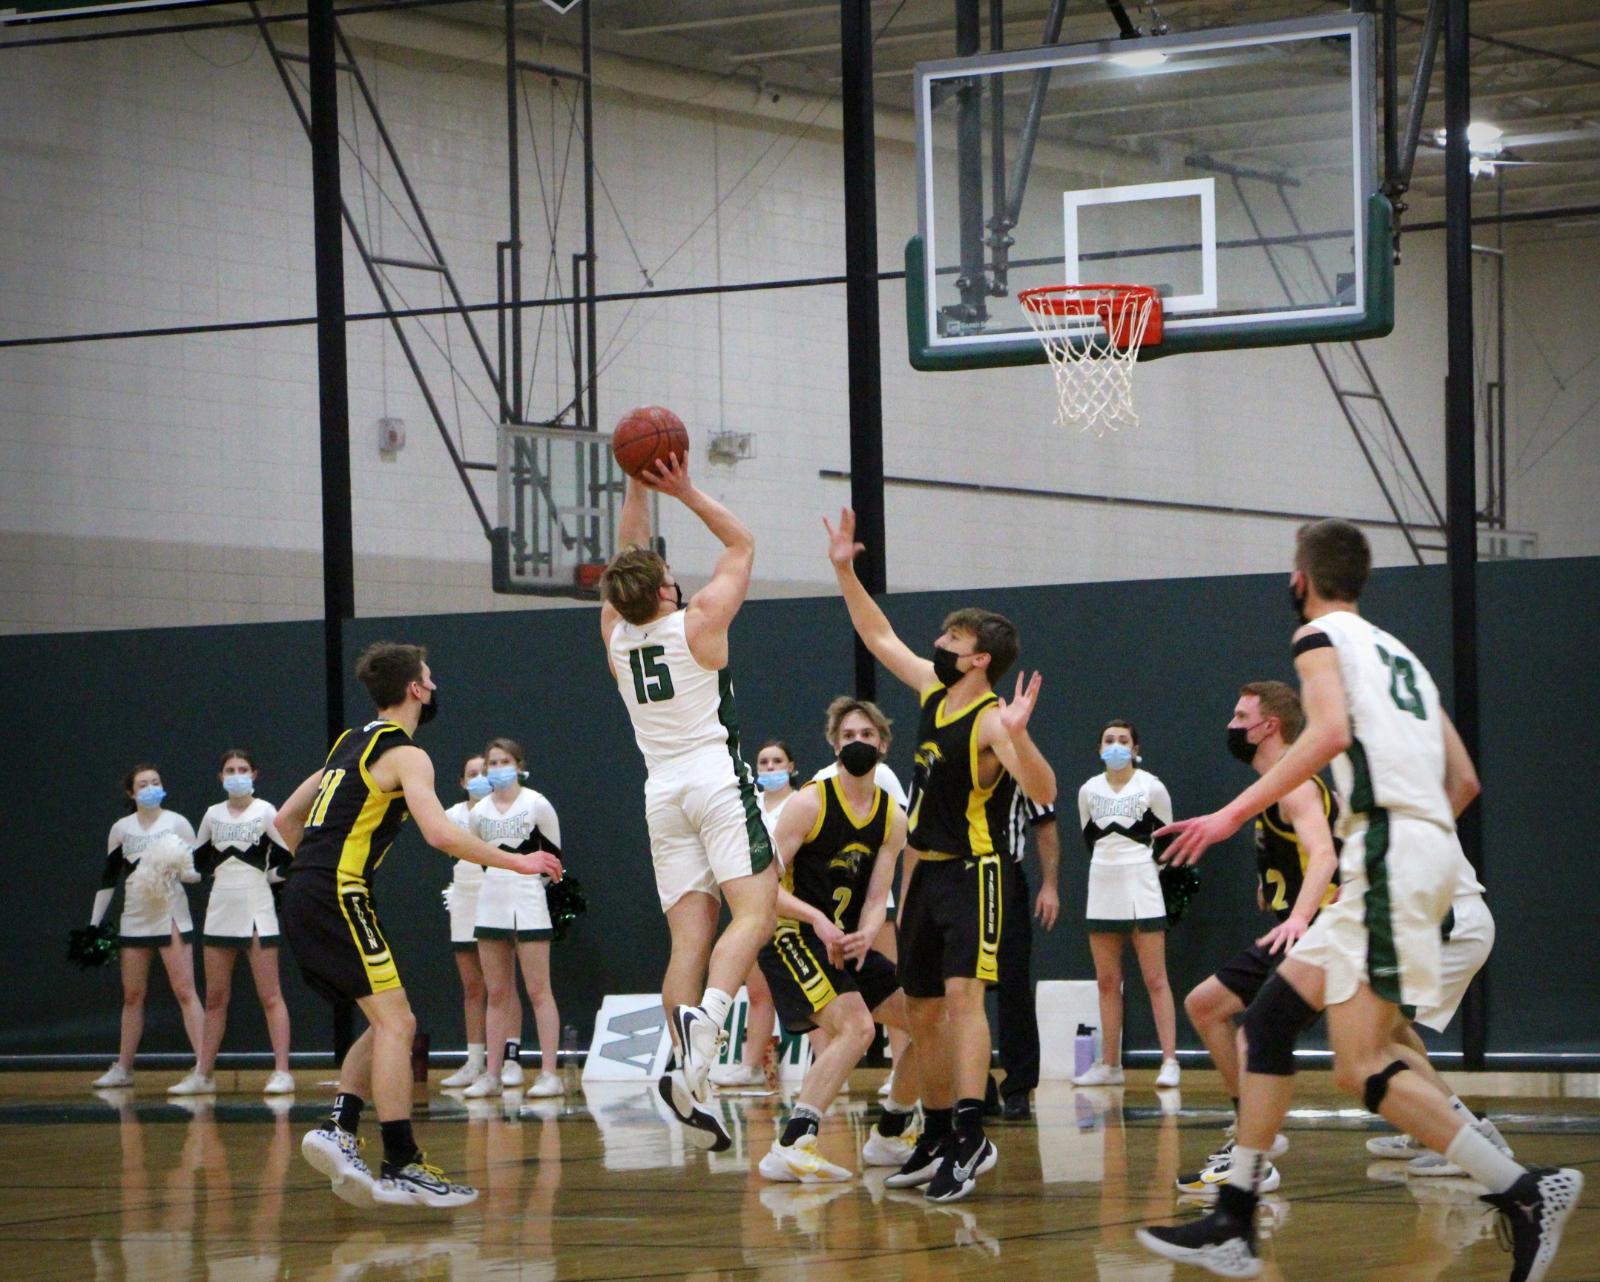 Varsity Boys Basketball (2-9-21) – courtesy of Leffel